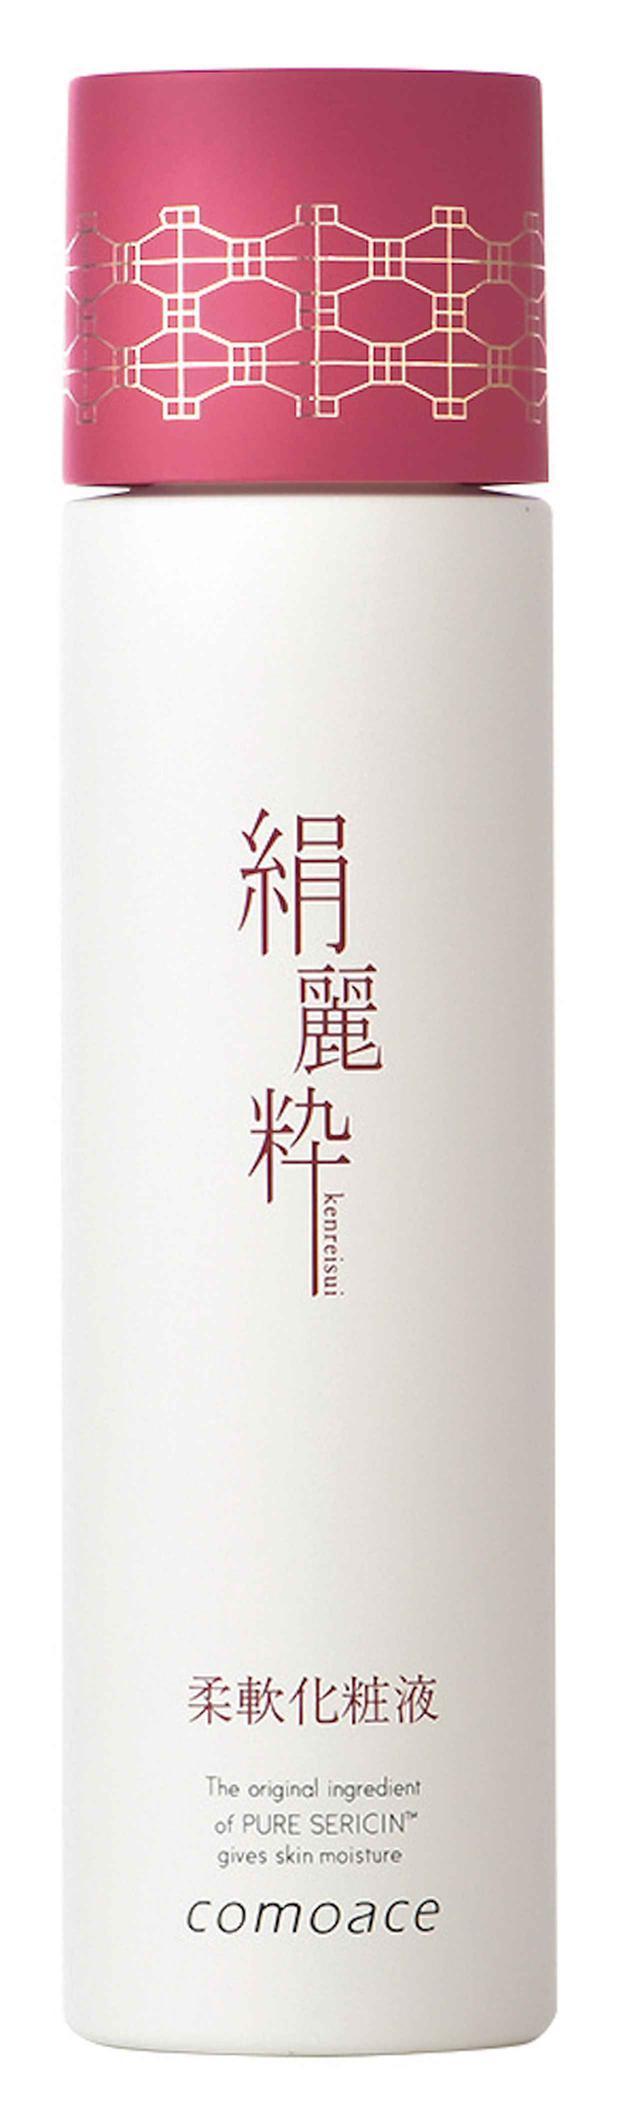 画像: コモエース 絹麗粋-プレ-モイスト-アクア リッチ(柔軟化粧水・3,500円税別)